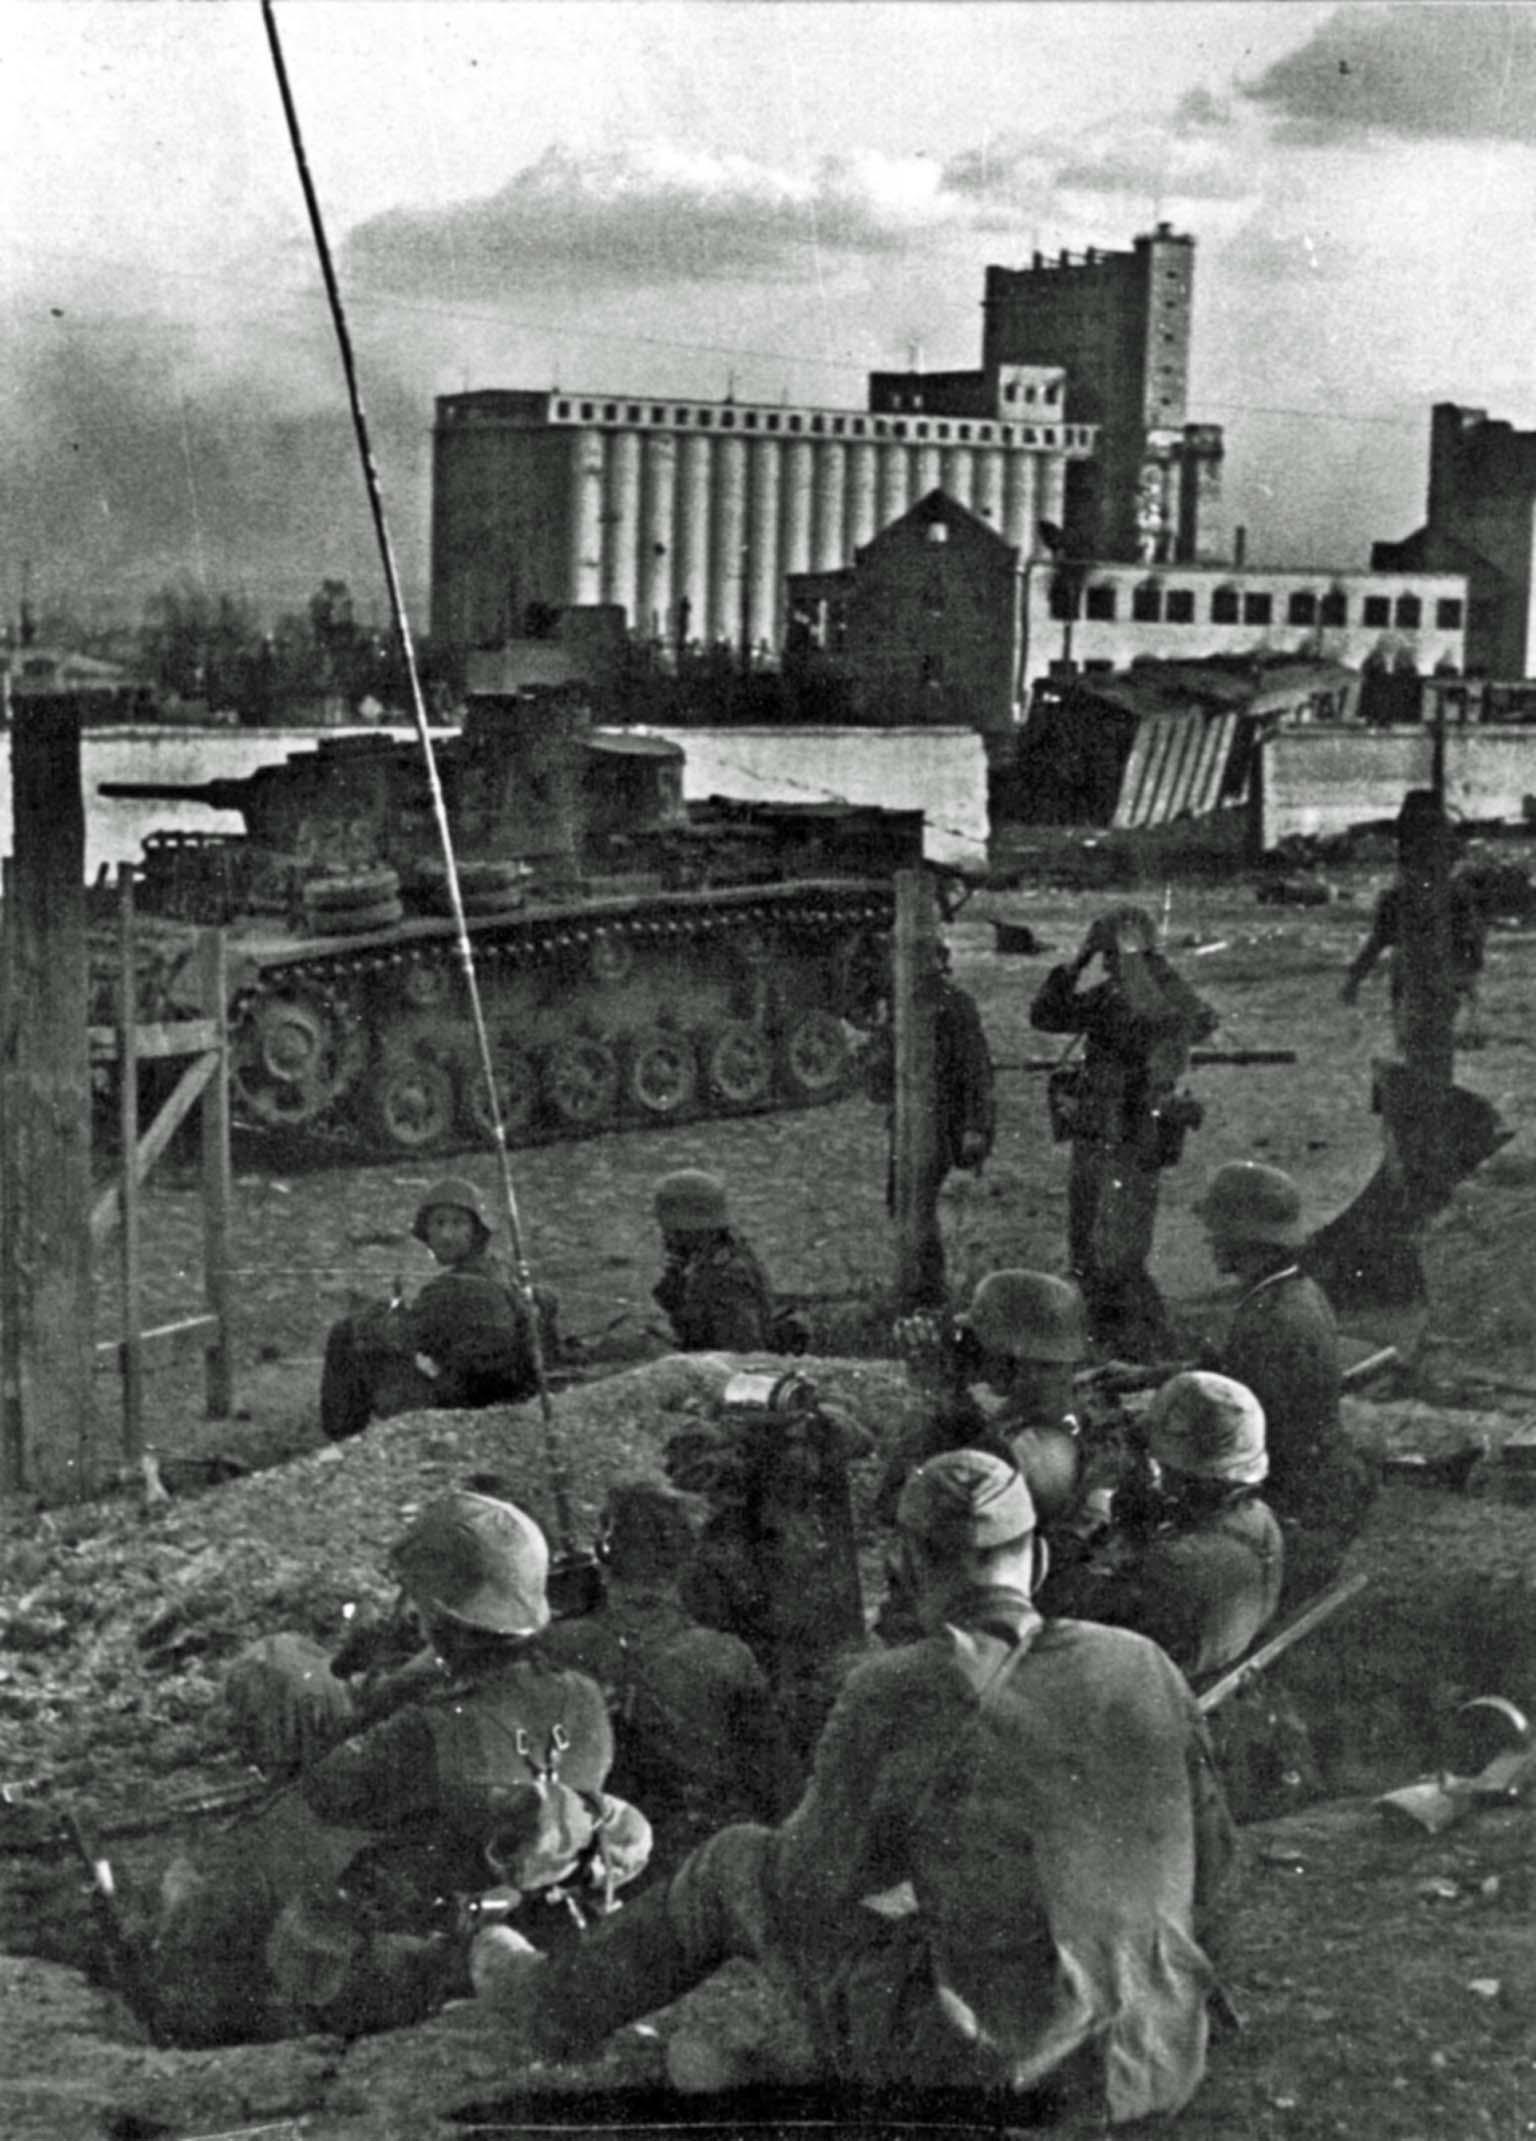 Wehrmacht in Stalingrad